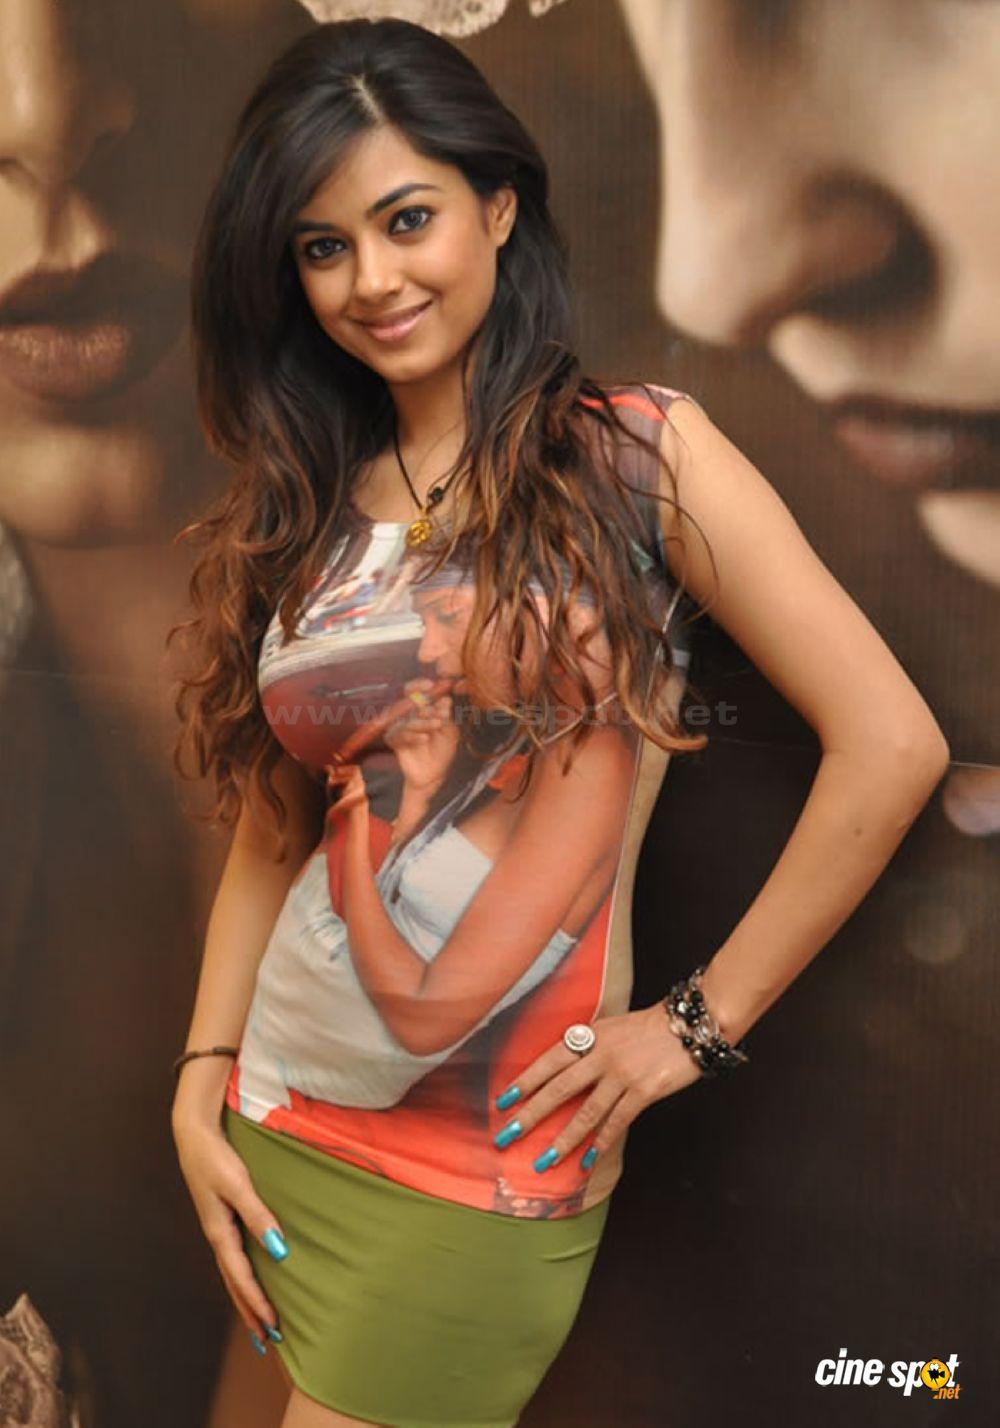 Hot Actress Crazy Meera Chopra